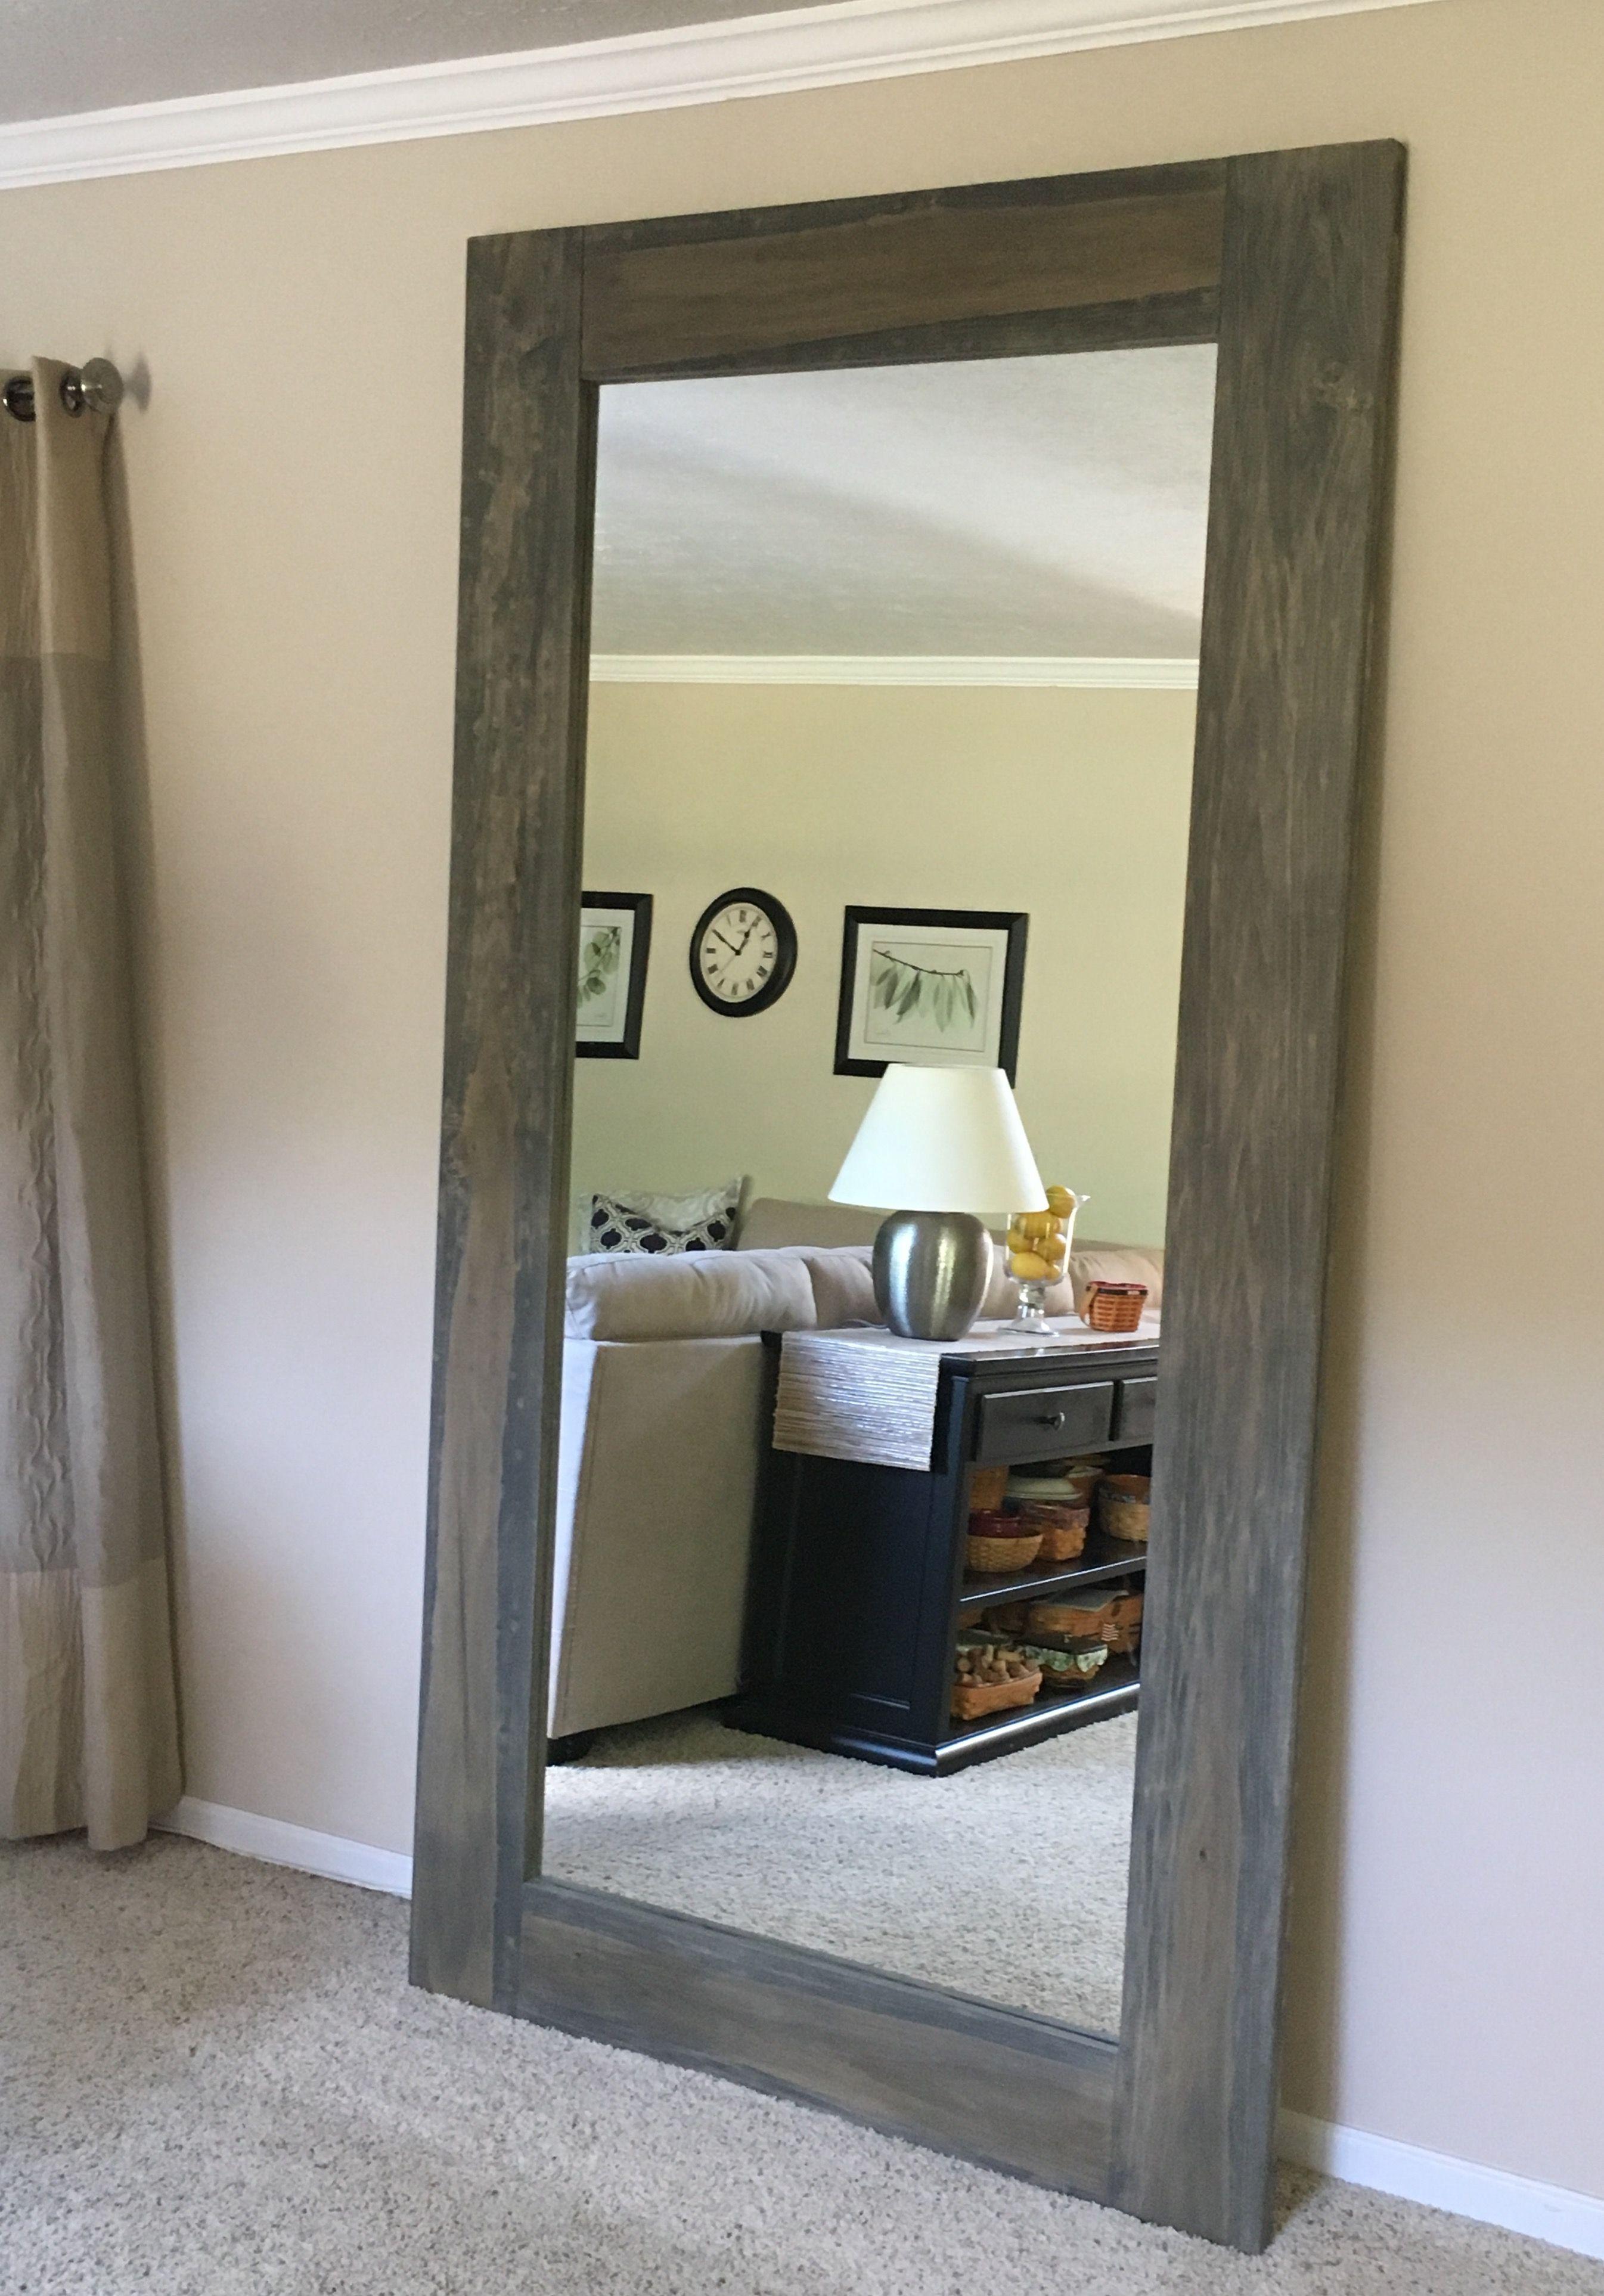 Pin By Cheryl D On Farmhouse Love 3 Large Floor Mirror Floor